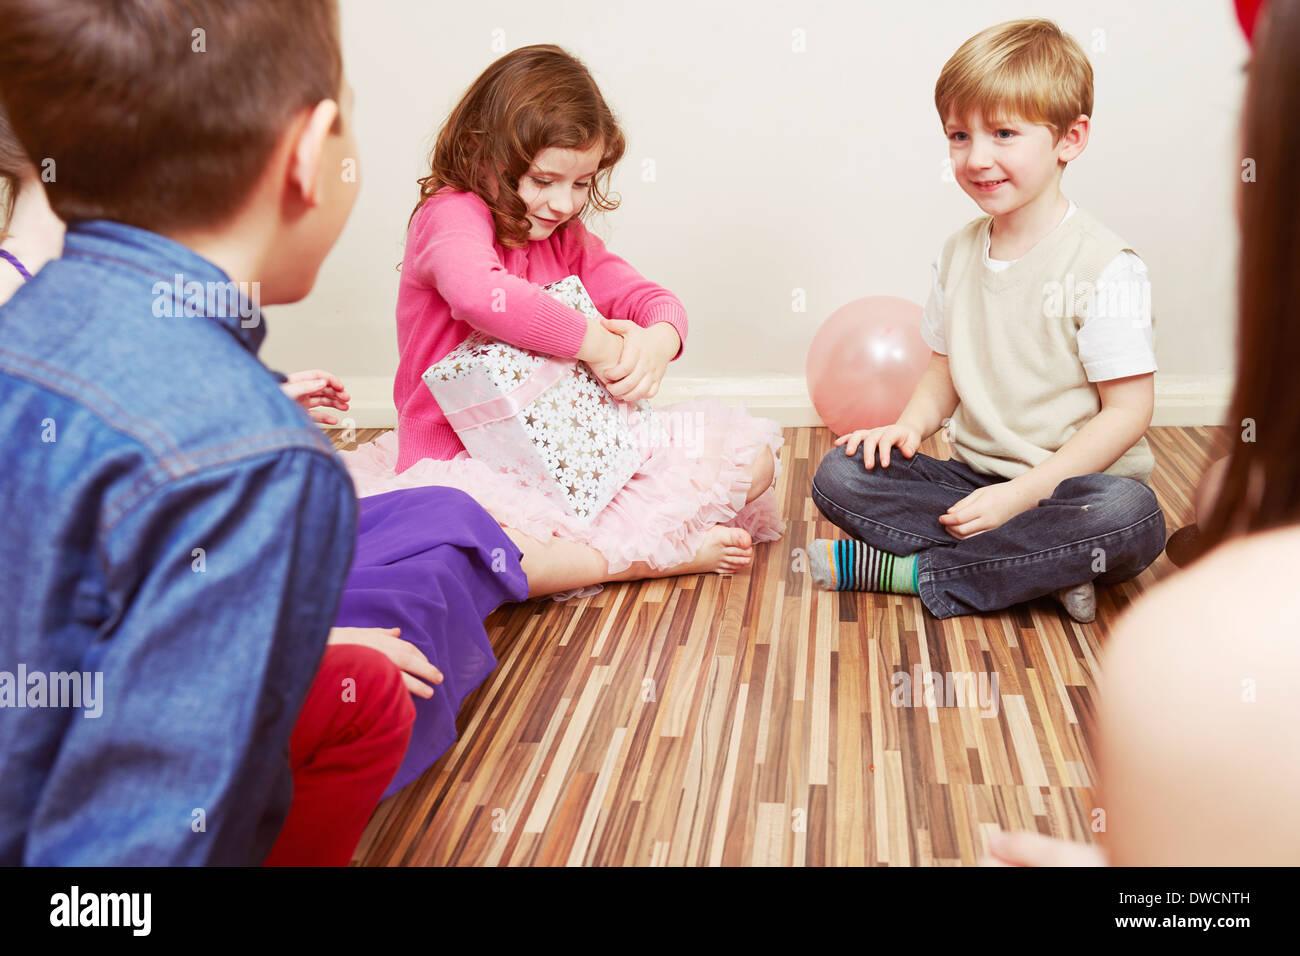 Los niños en parte, niña celebración de cumpleaños Imagen De Stock